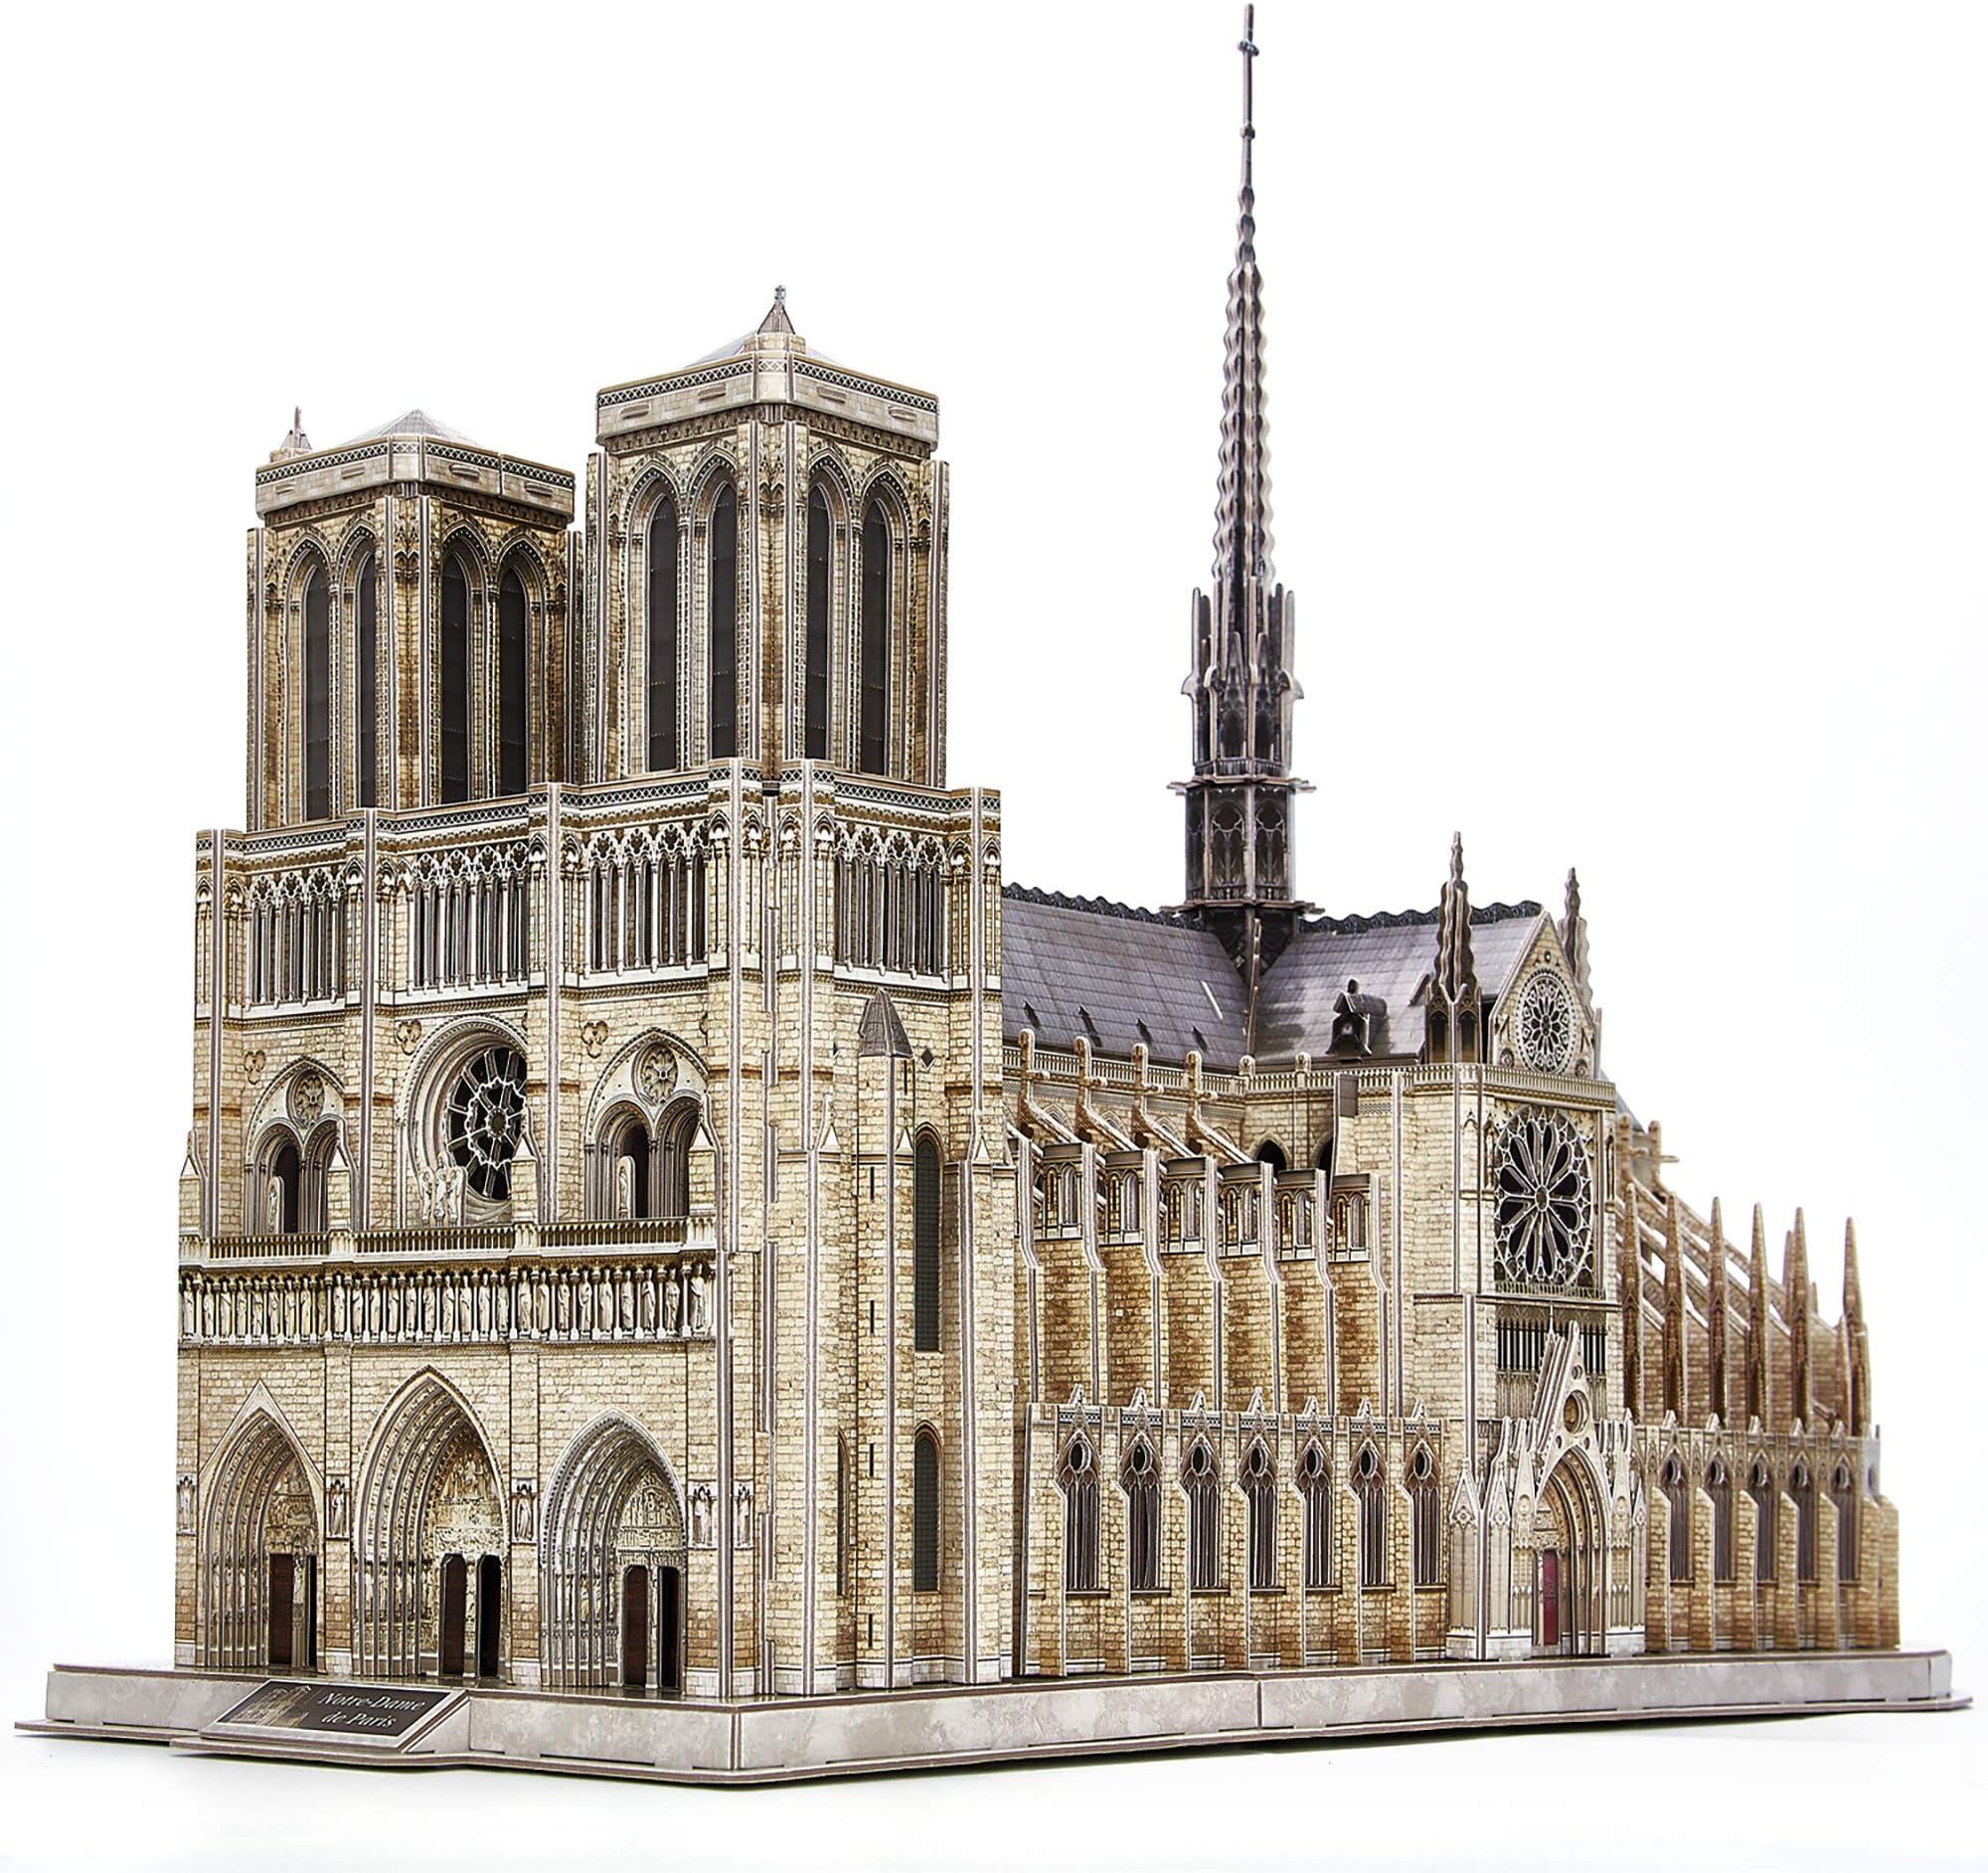 CubicFun 3D Puzzle for Adults Moveable Notre Dame de Paris Church Model Kits Large Challenge French Cathedral Brain Teaser Architecture Building Puzzles, 293 Pieces